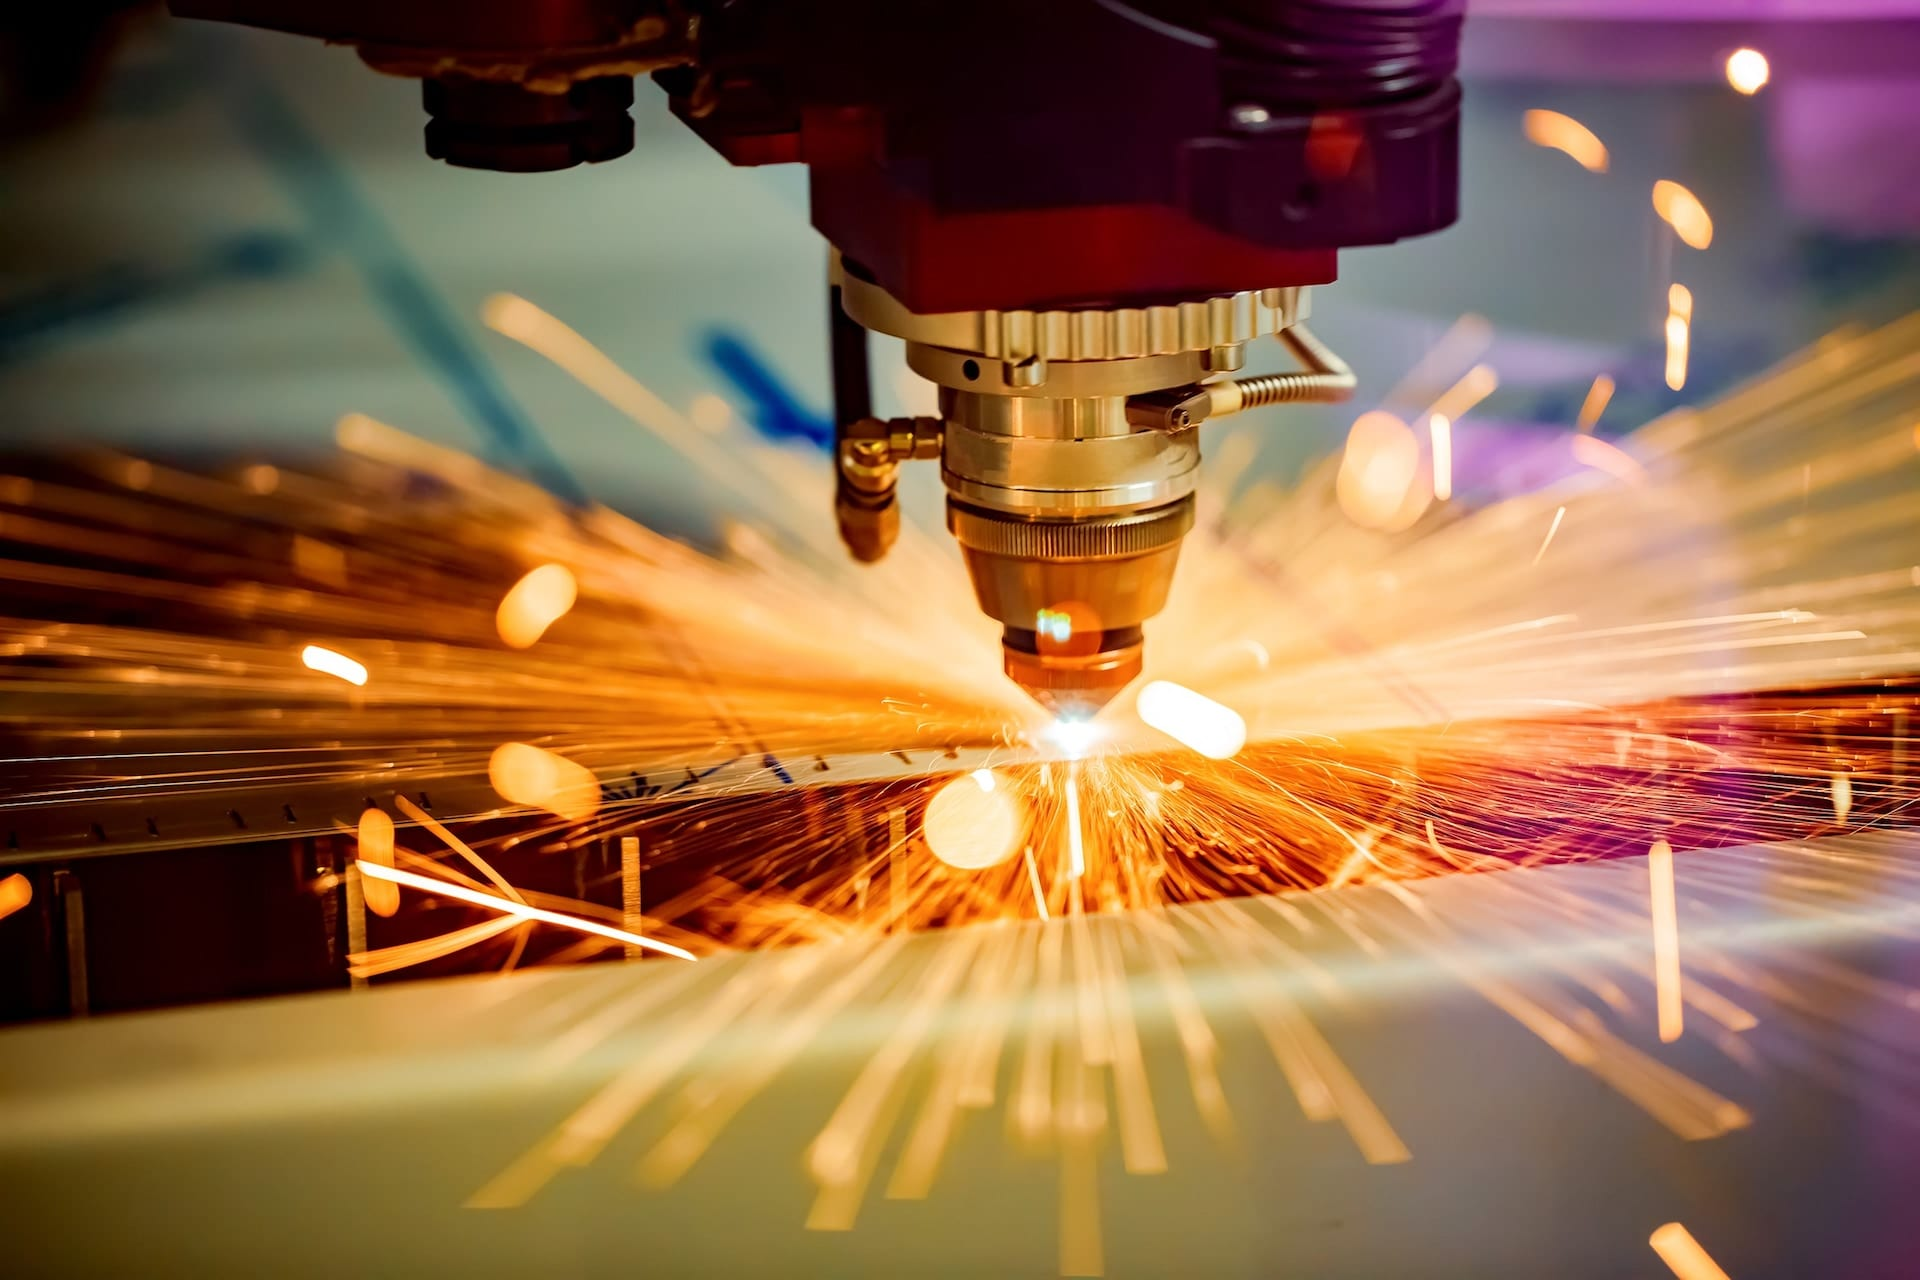 nærbilde av sveiseapparat som sveiser, illustrerer strategi og supply chain i industrien.